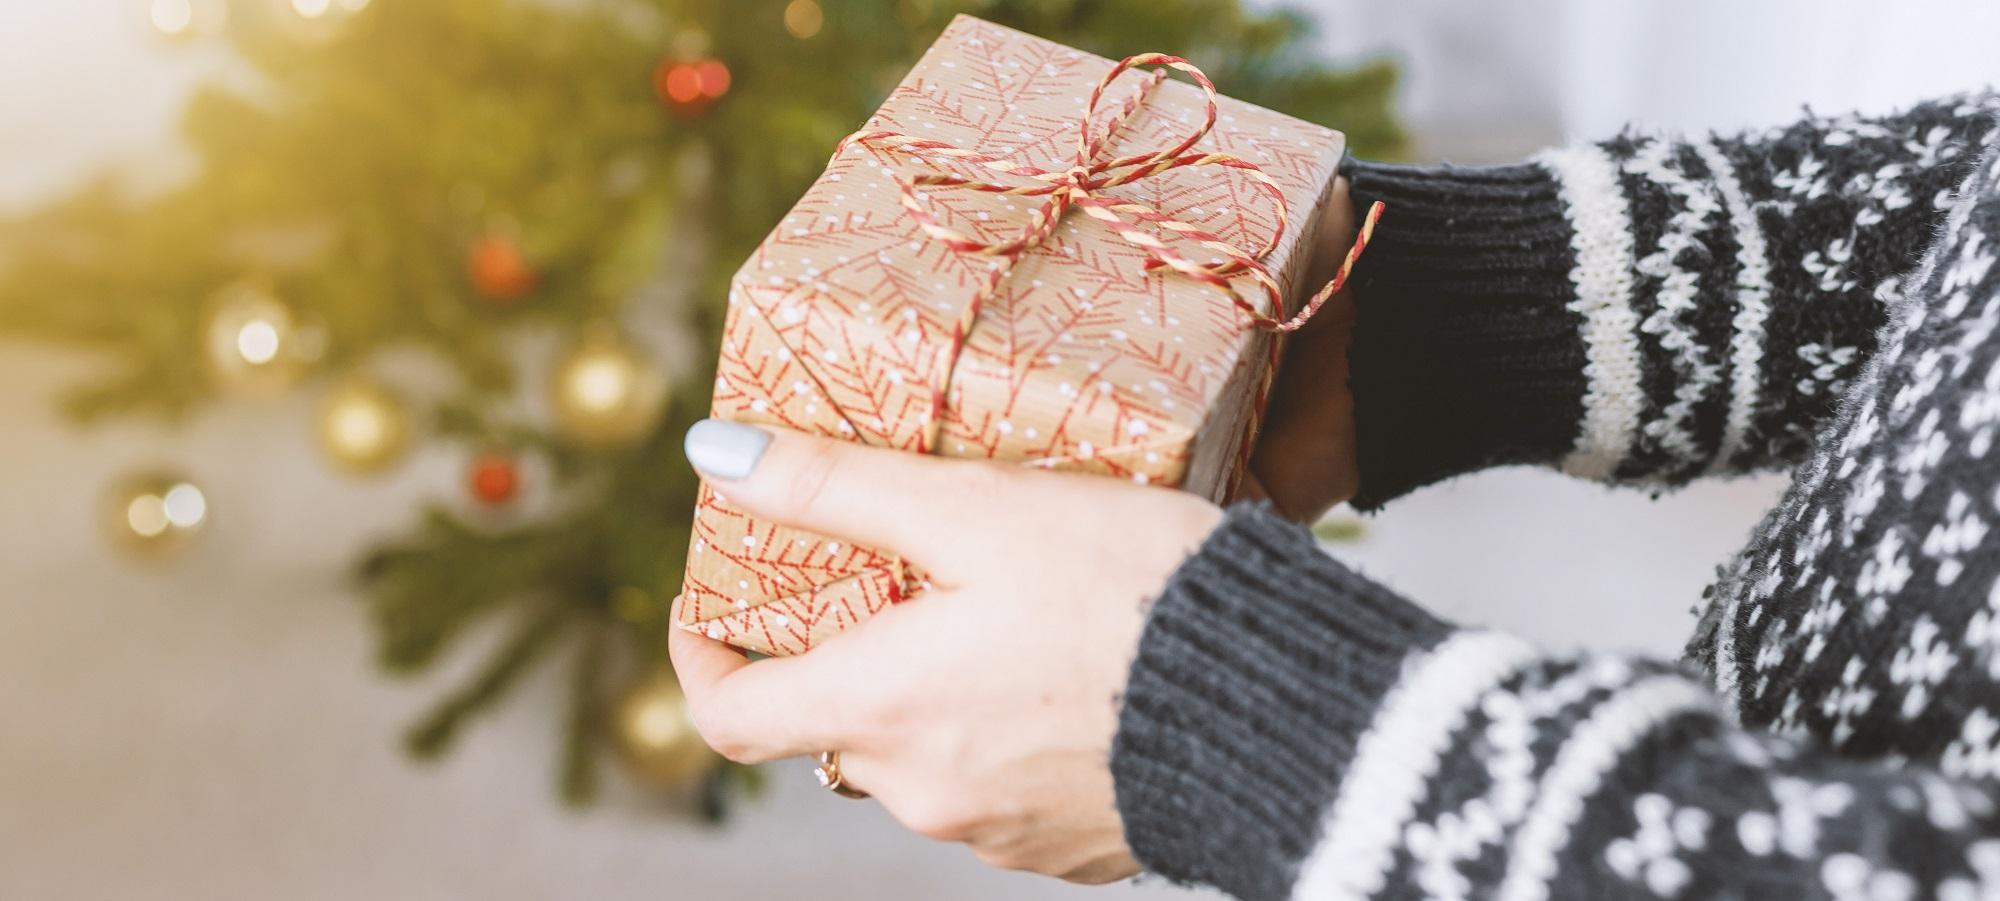 Noël : les meilleurs cadeaux pour la femme